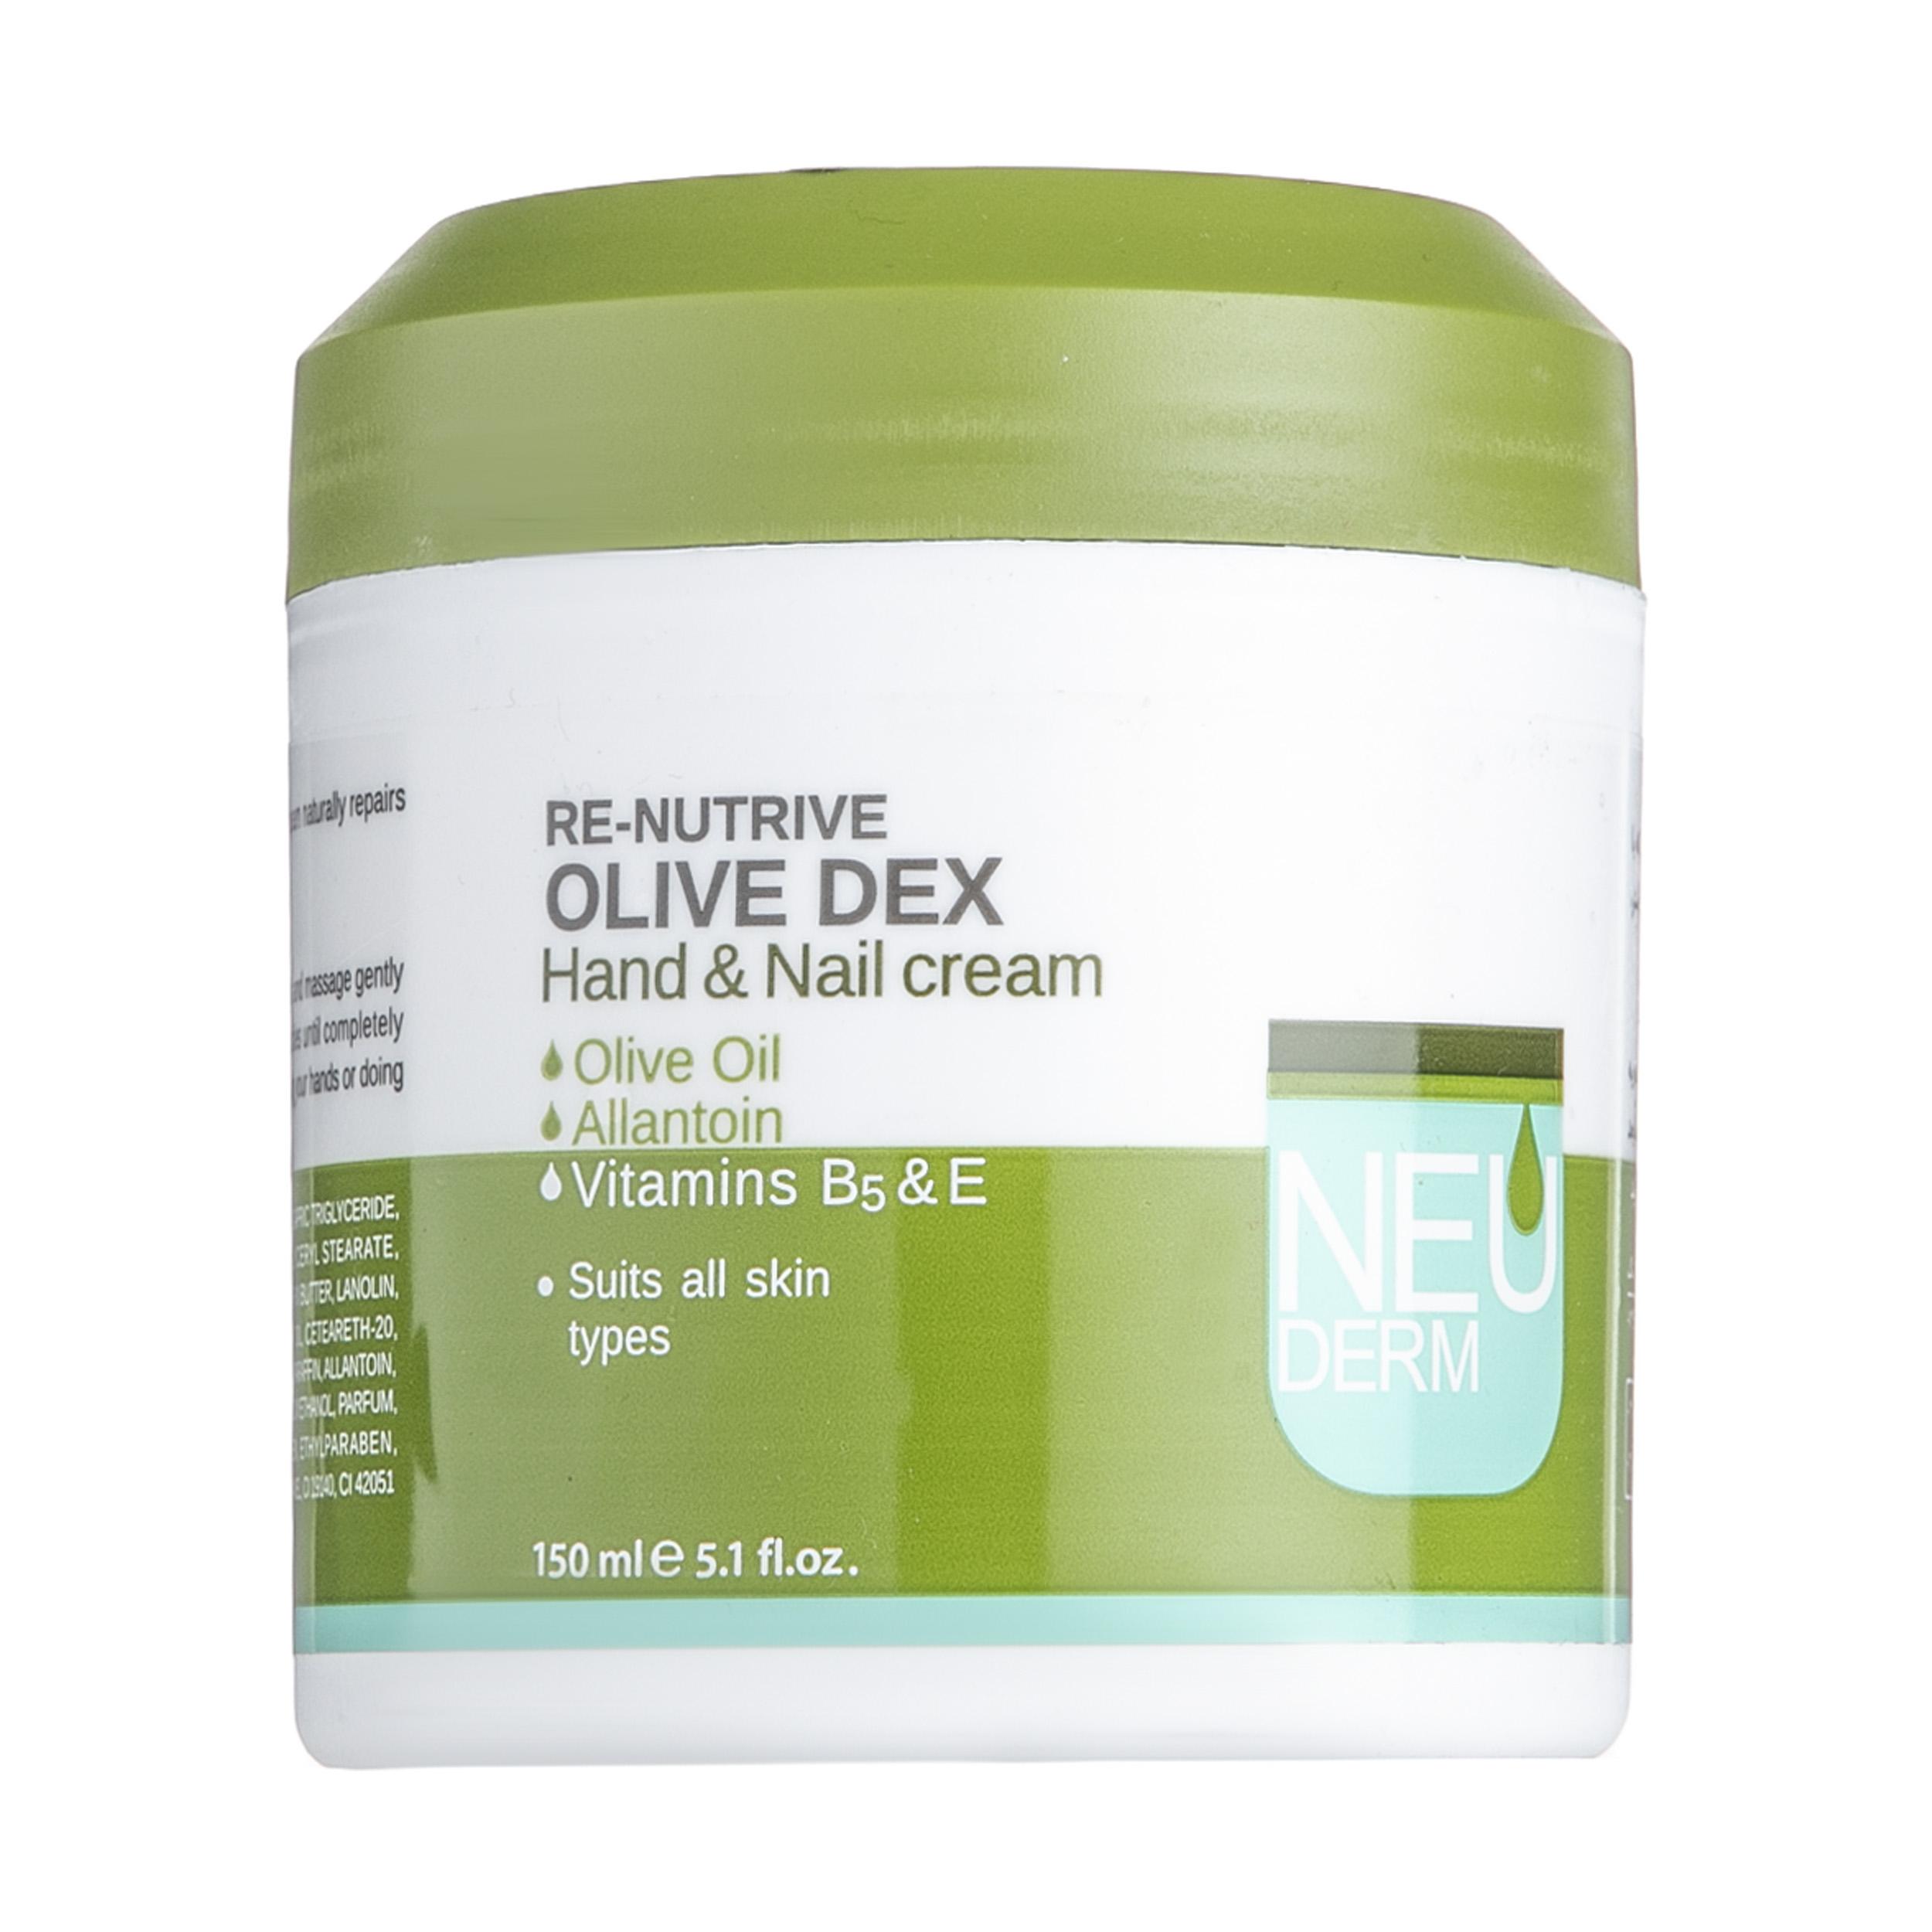 کرم دست و ناخن نئودرم مدل Olive Dex حجم 150 میلی لیتر